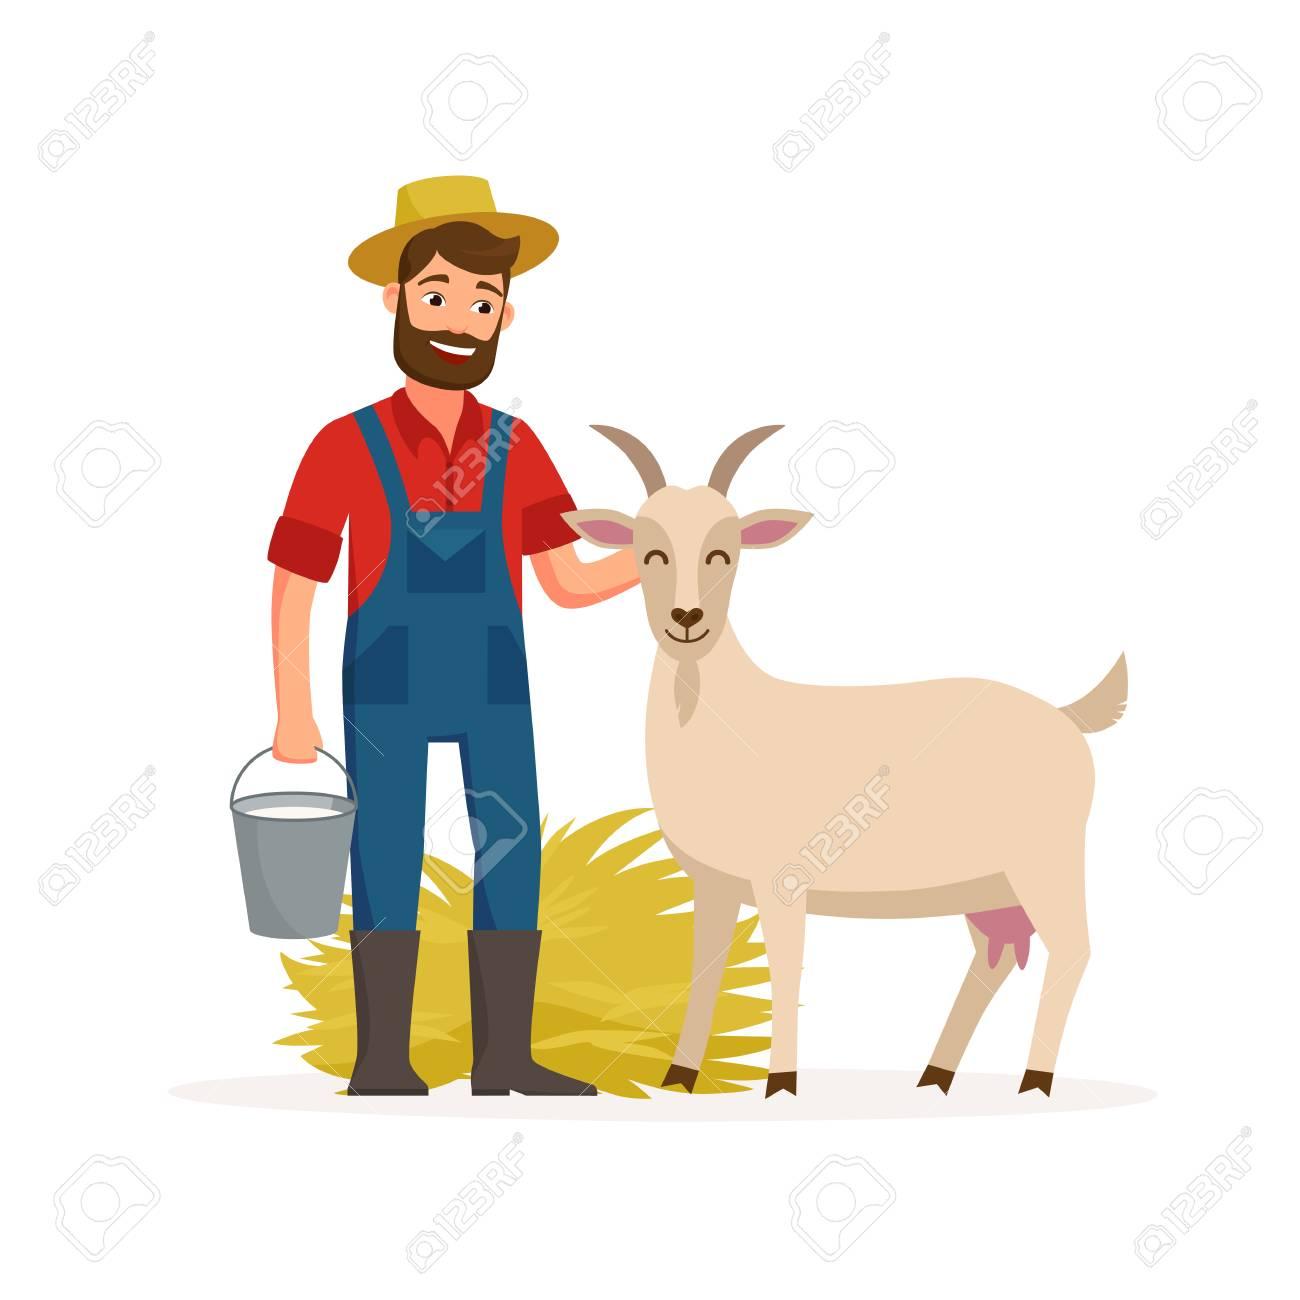 Farmer With Harvested Vegetables Cartoon Vector Clipart - FriendlyStock    Cartoons vector, Vegetable cartoon, Cartoon